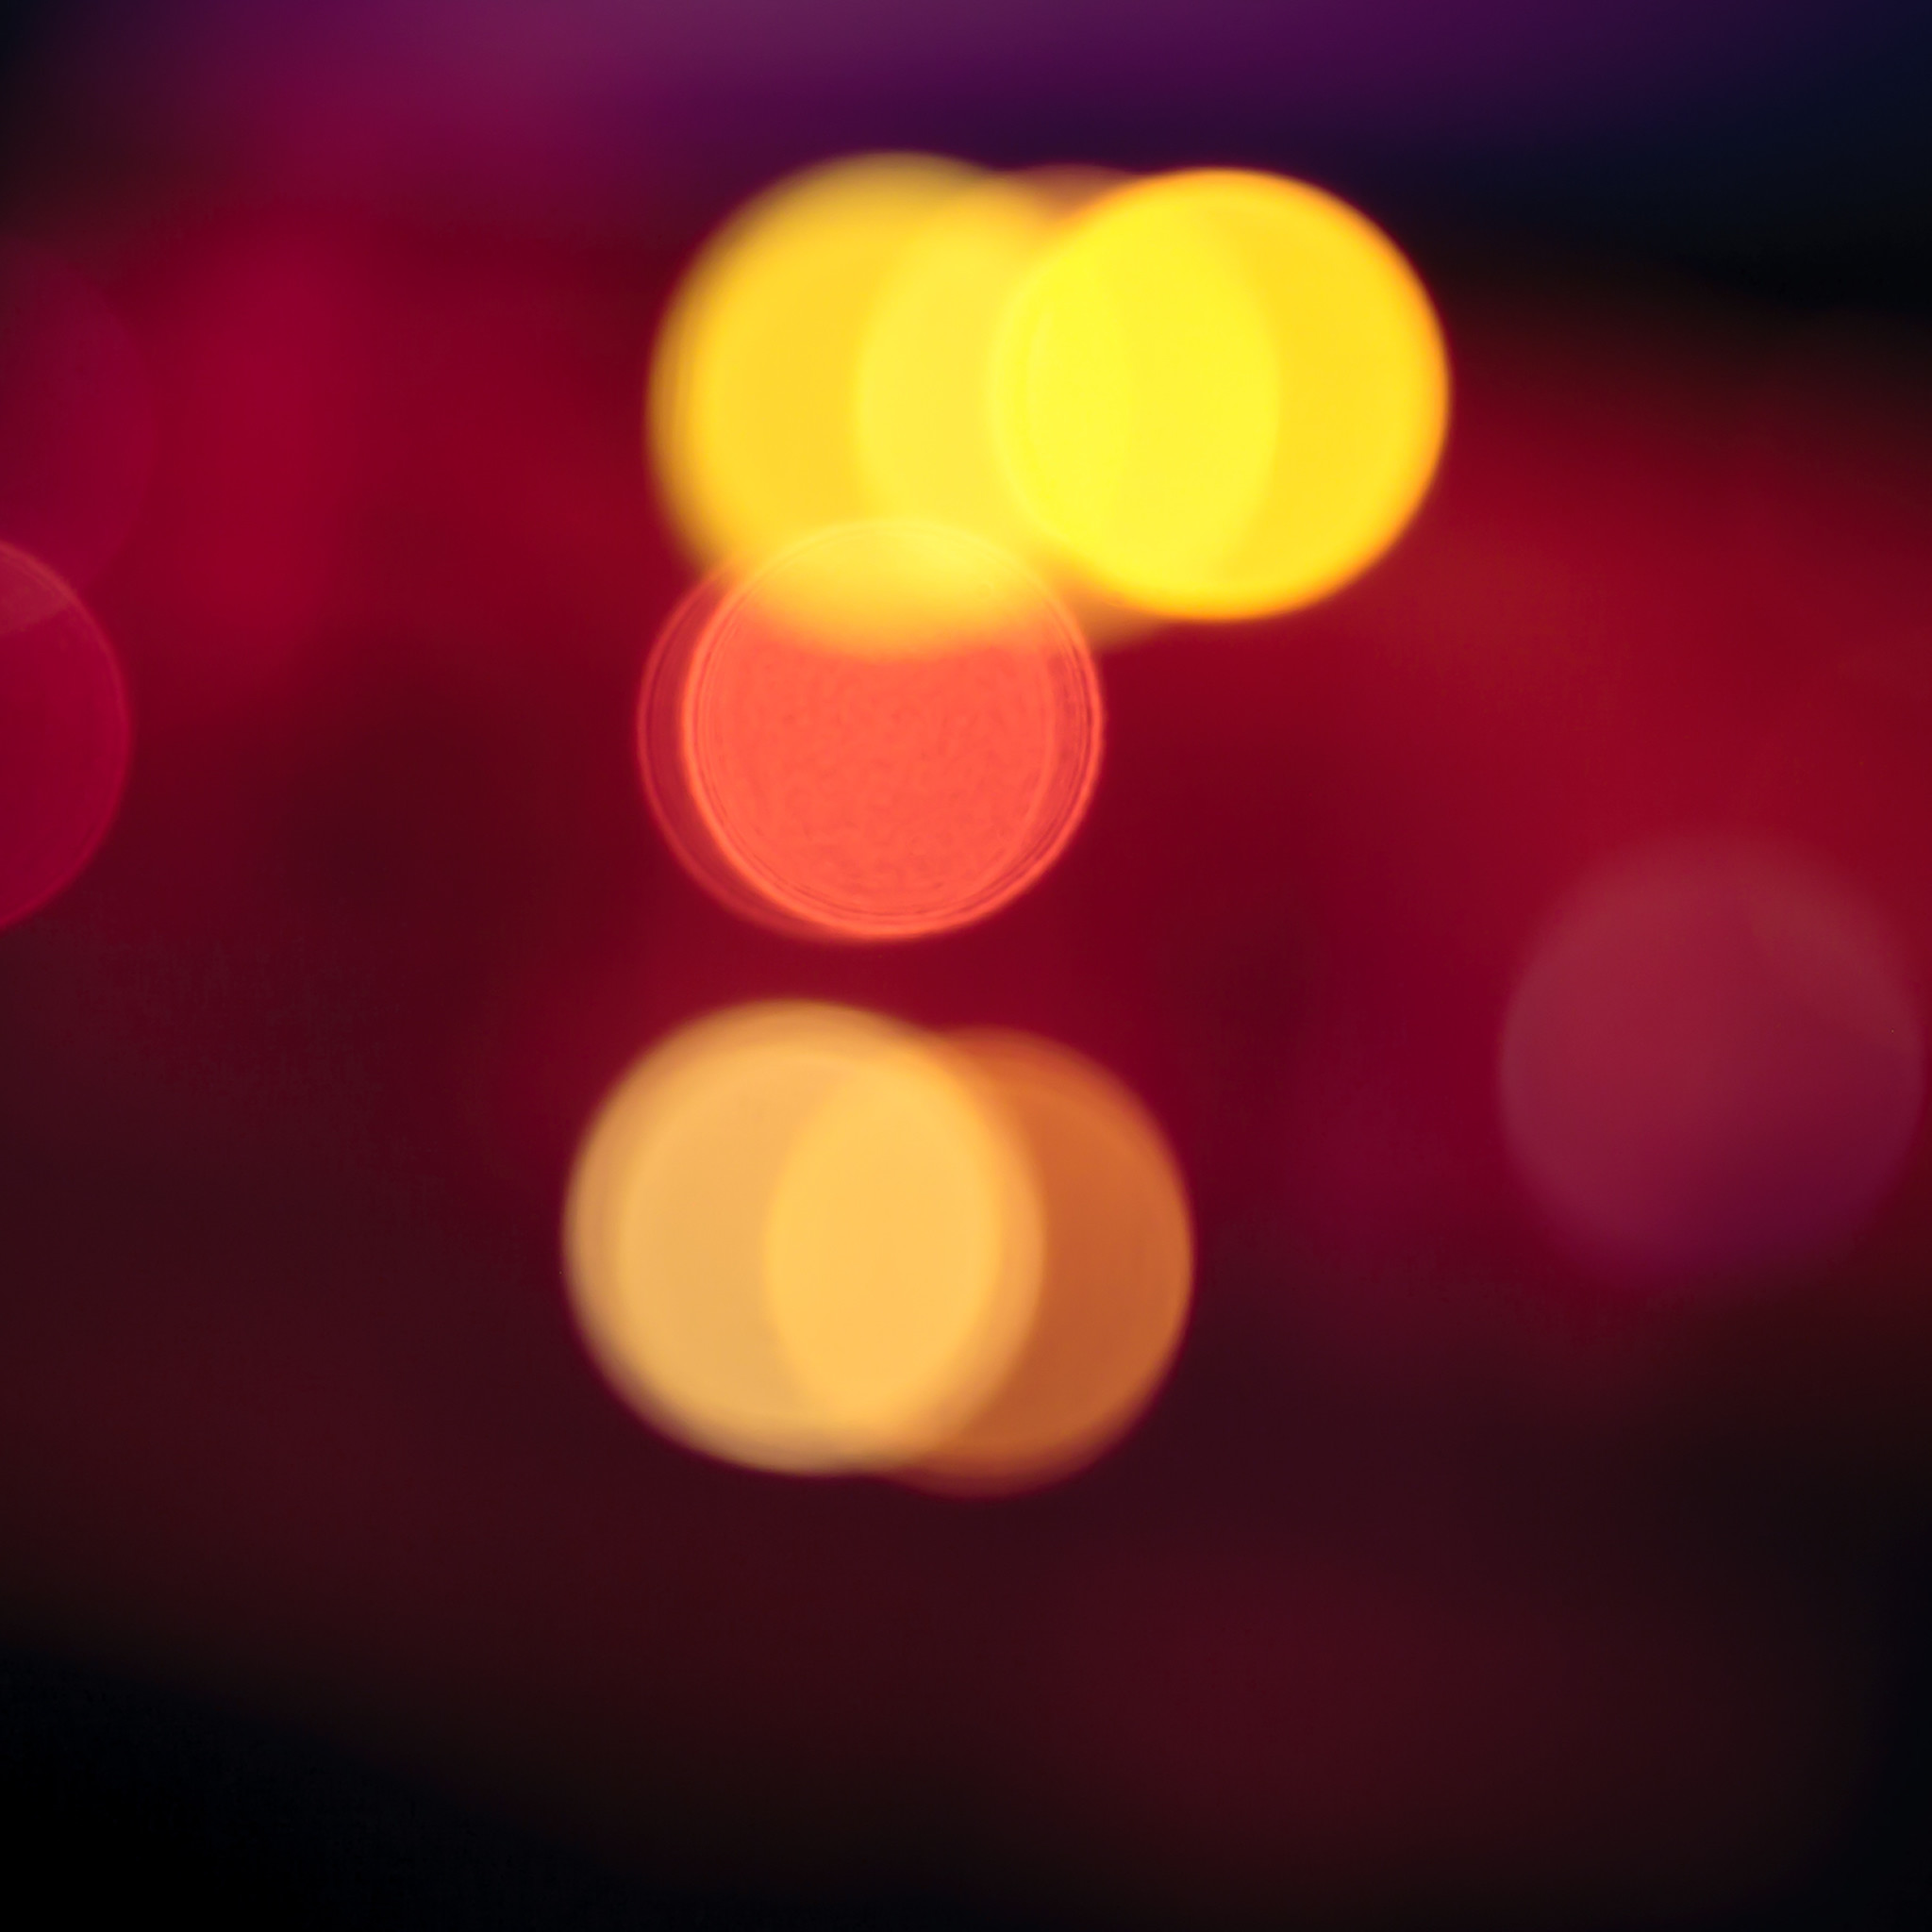 2674 0: Red Light Blur iPad wallpaper